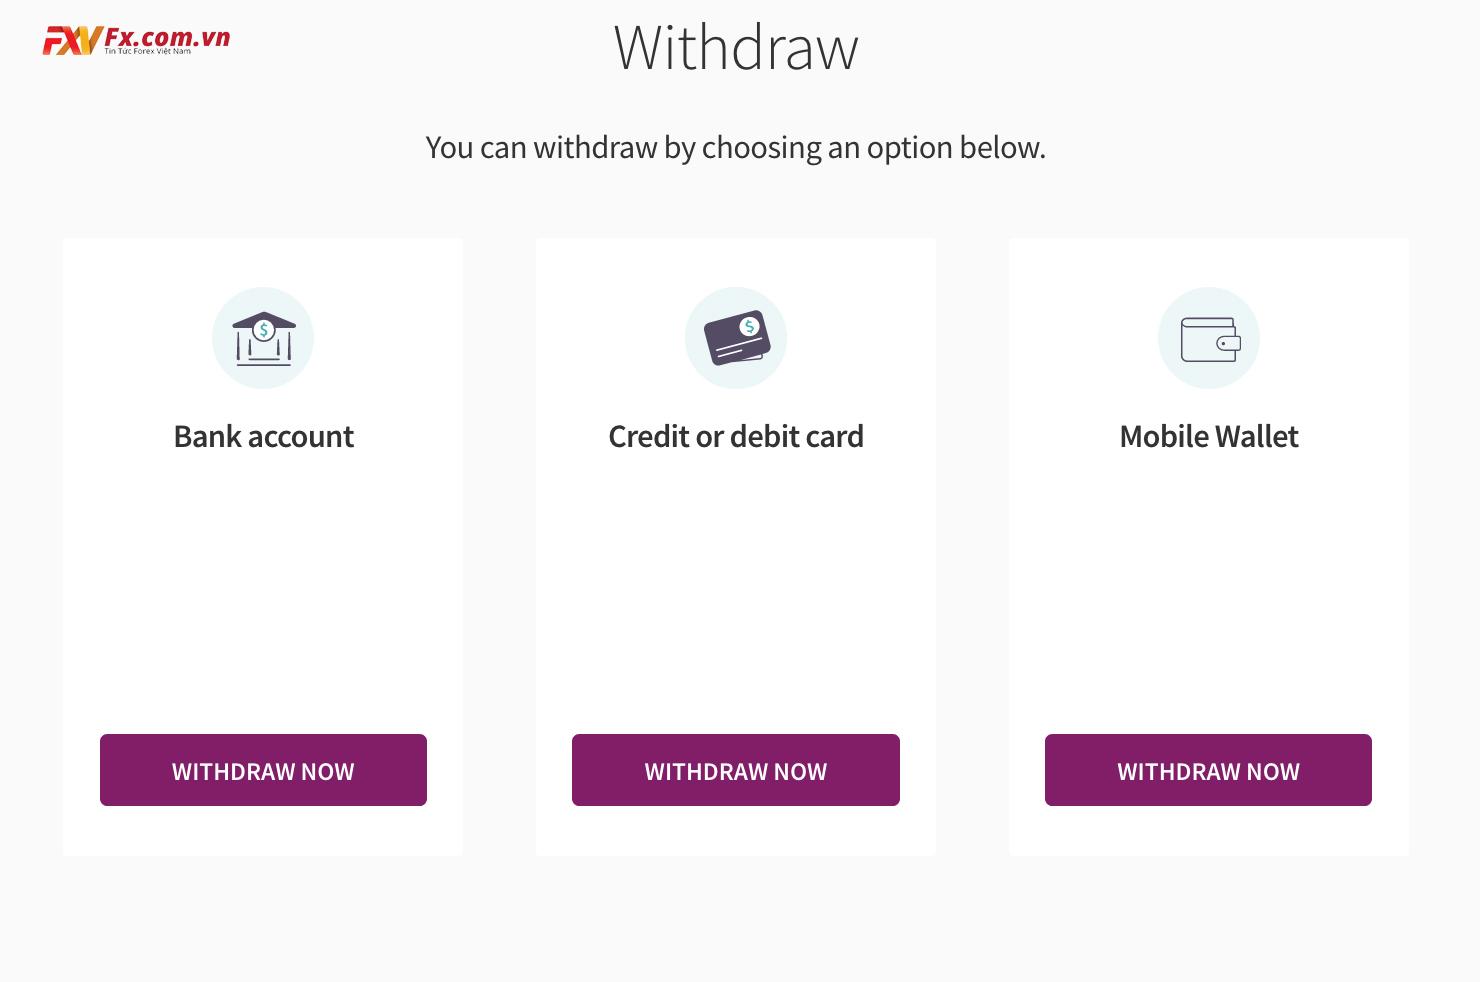 3 tùy chọn rút tiền dành cho bạn